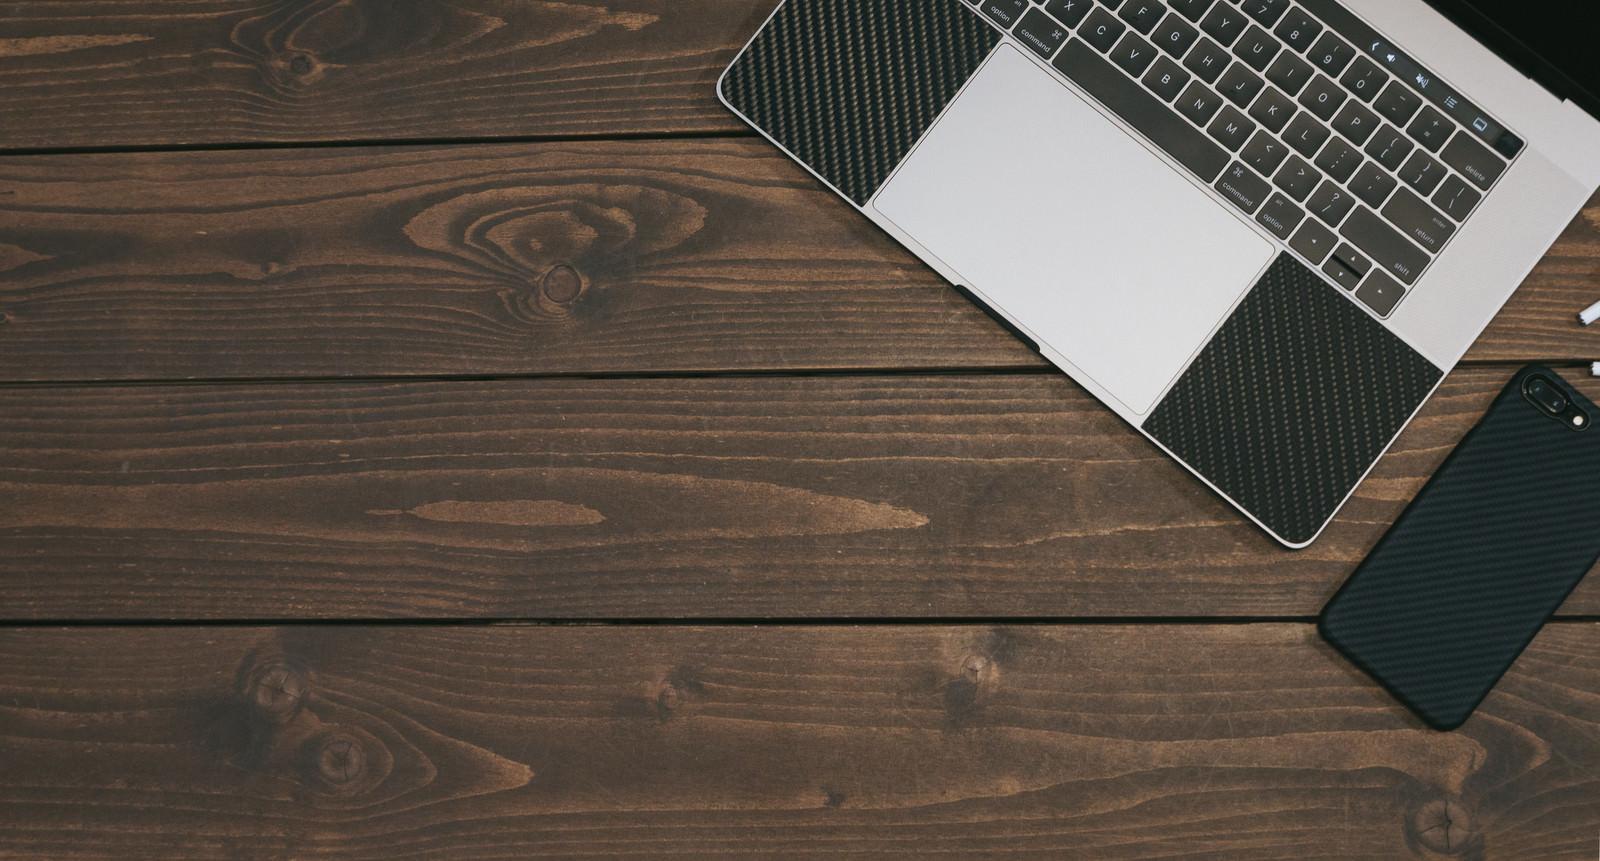 「木目のテーブルに置かれたPCとスマホ木目のテーブルに置かれたPCとスマホ」のフリー写真素材を拡大